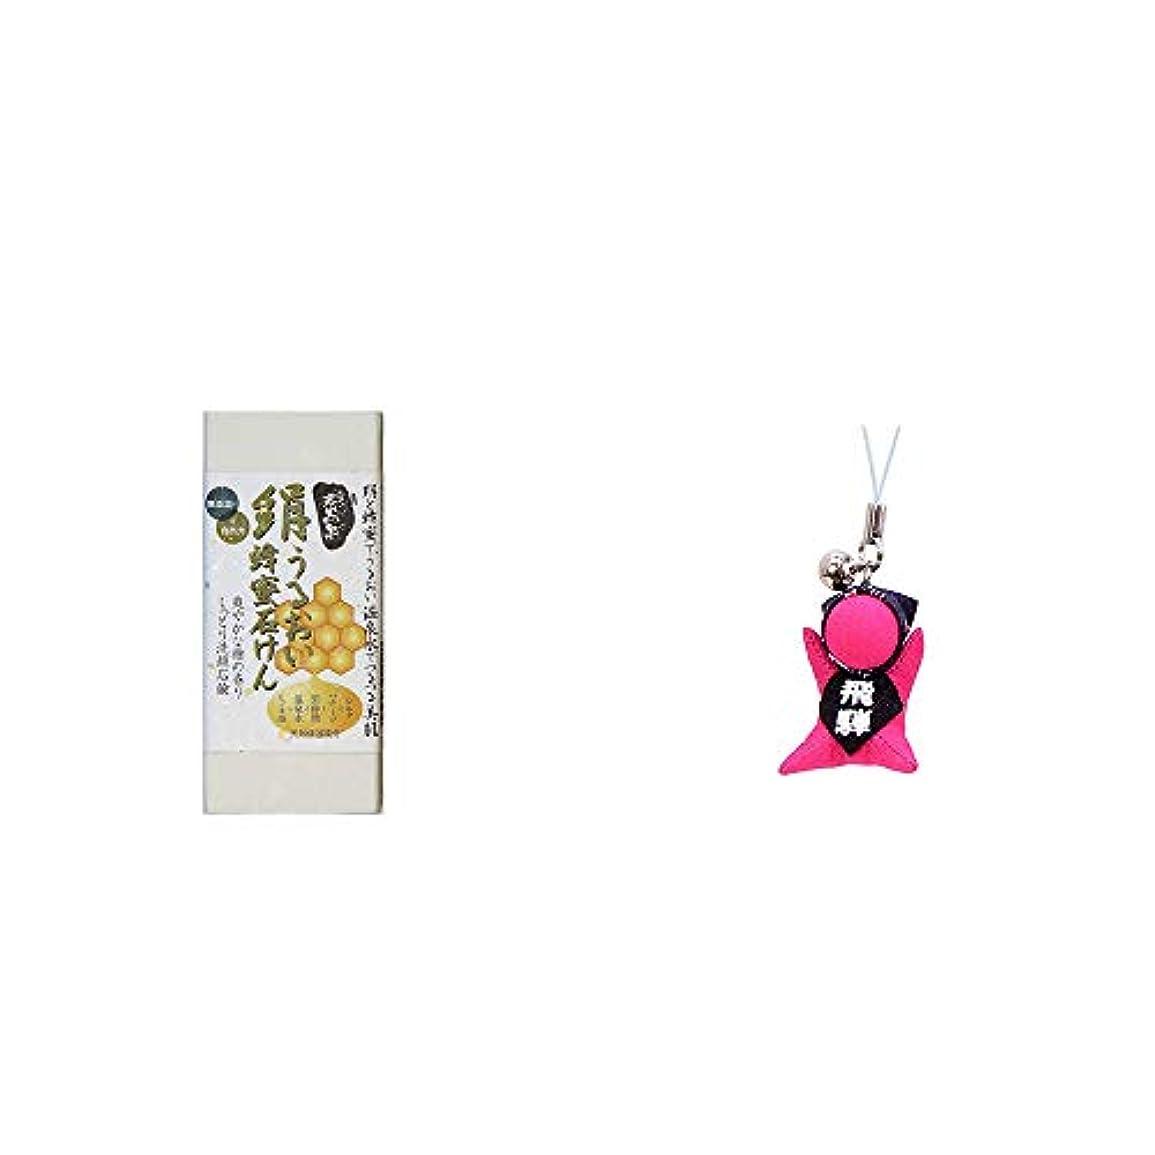 決定する悪因子ミサイル[2点セット] ひのき炭黒泉 絹うるおい蜂蜜石けん(75g×2)?さるぼぼ幸福ストラップ 【ピンク】 / 風水カラー全9種類 縁結び?恋愛(出会い) お守り//